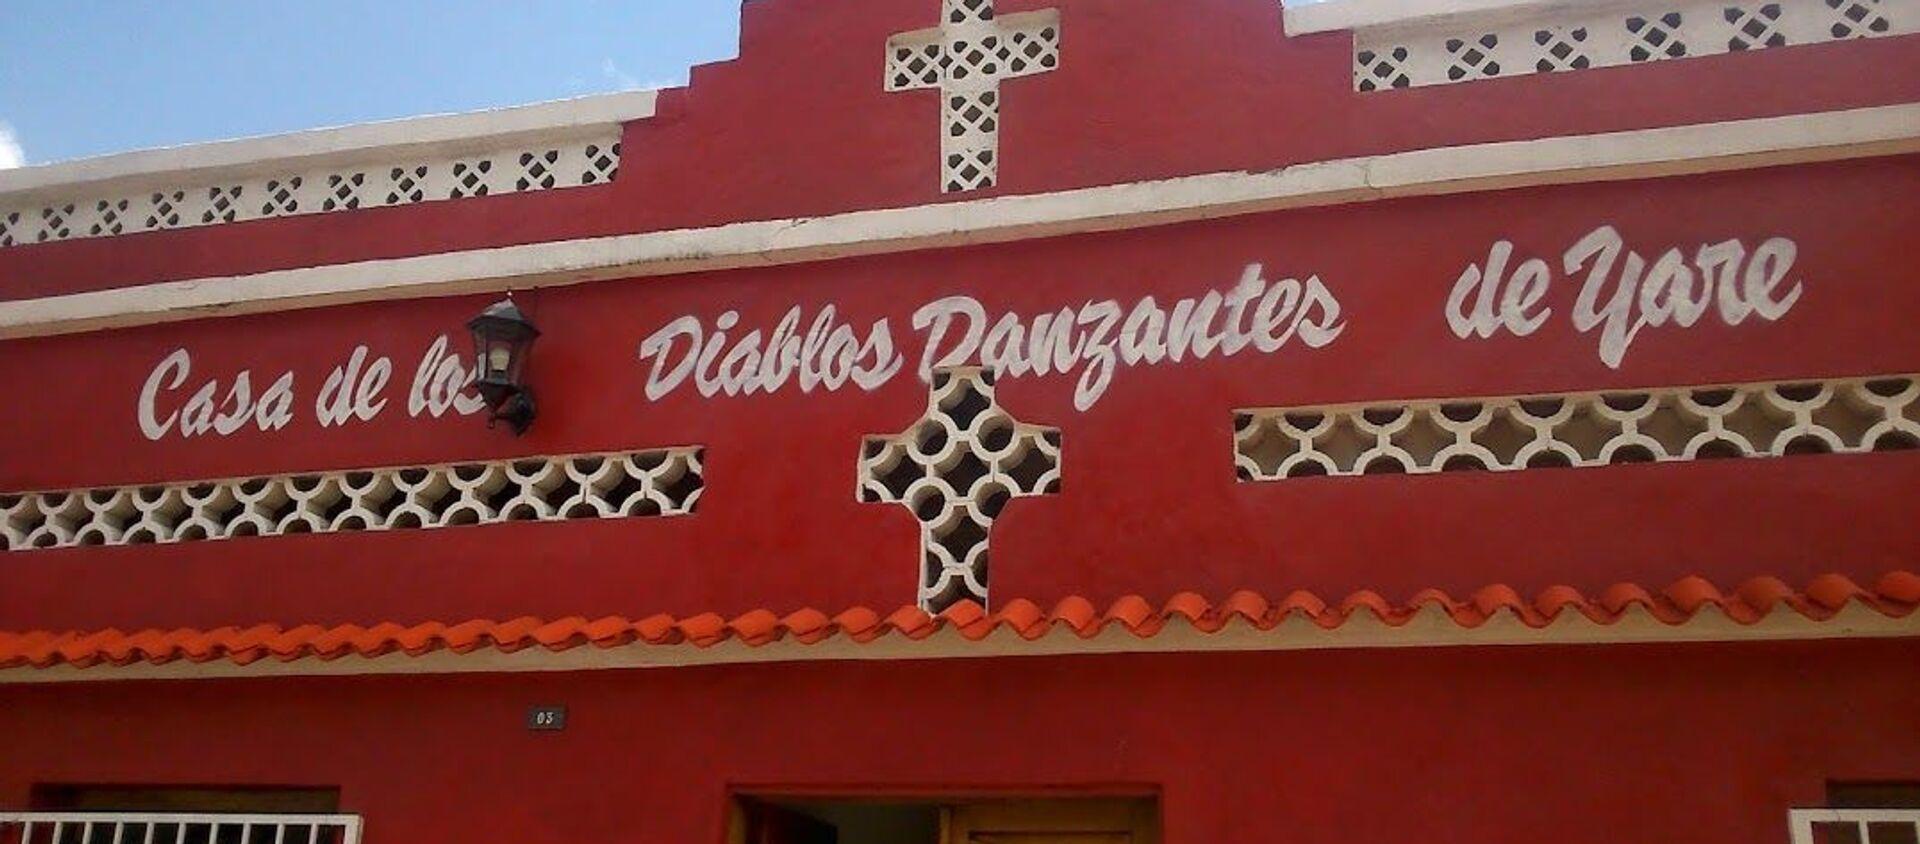 Casa, sede, museo de la cofradía de los Diablos Danzantes de Yare - Sputnik Mundo, 1920, 11.06.2020